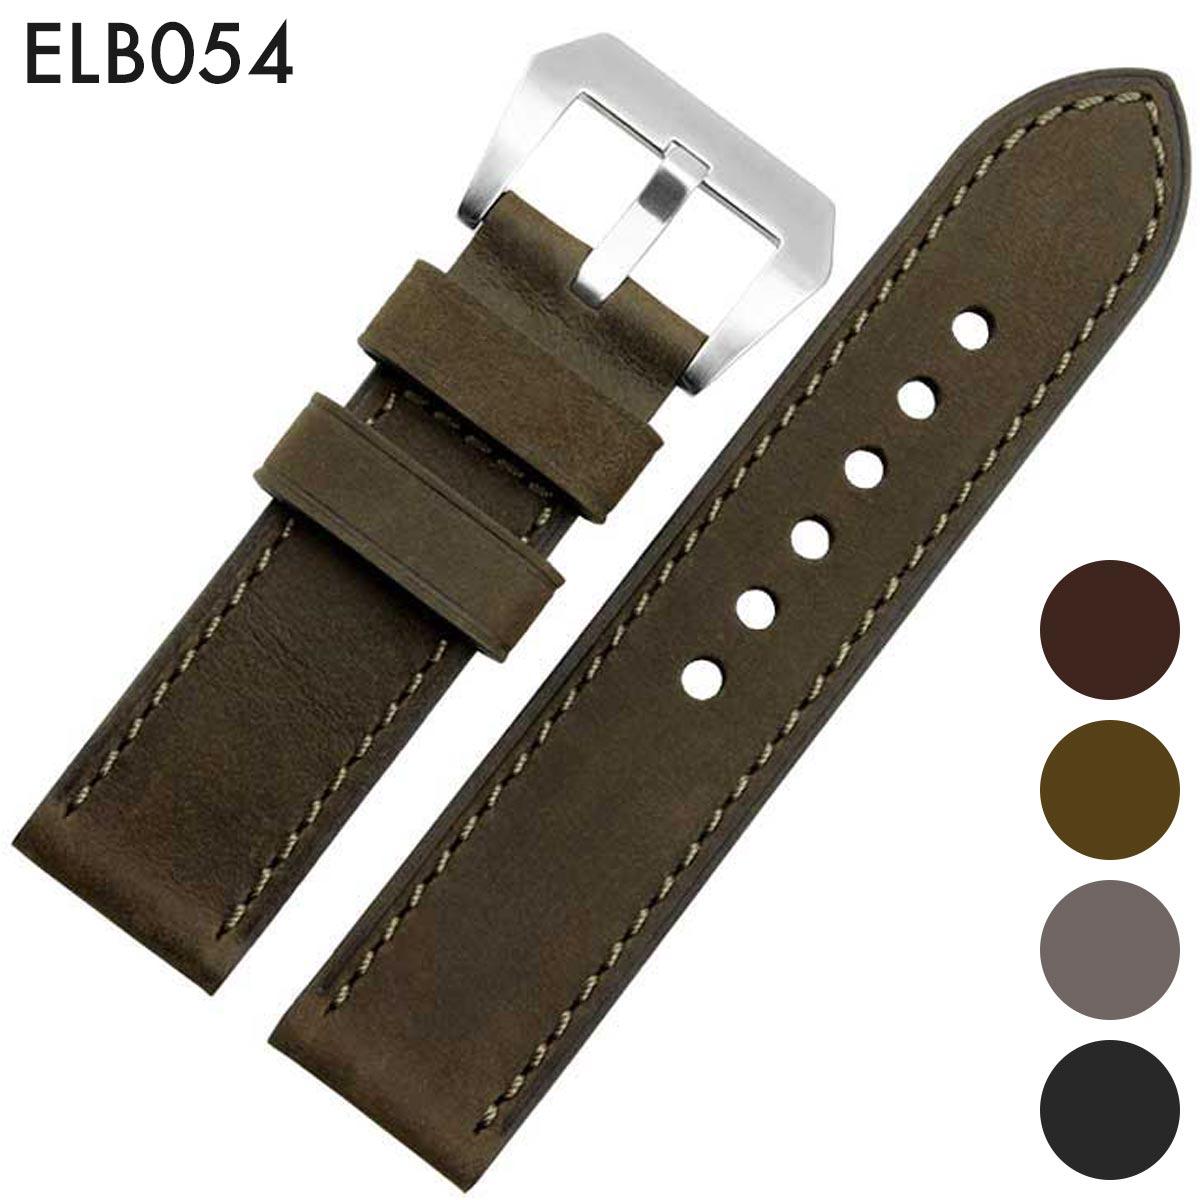 腕時計ベルト 腕時計バンド 替えストラップ 社外品 汎用レザーベルト 革ベルト 取付幅20mm/22mm/24mm/26mm 適用: PANERAI パネライ、BREITLING ブライトリング、HAMILTON ハミルトン (尾錠)ピンバックル付き [ Eight - ELB054 ]